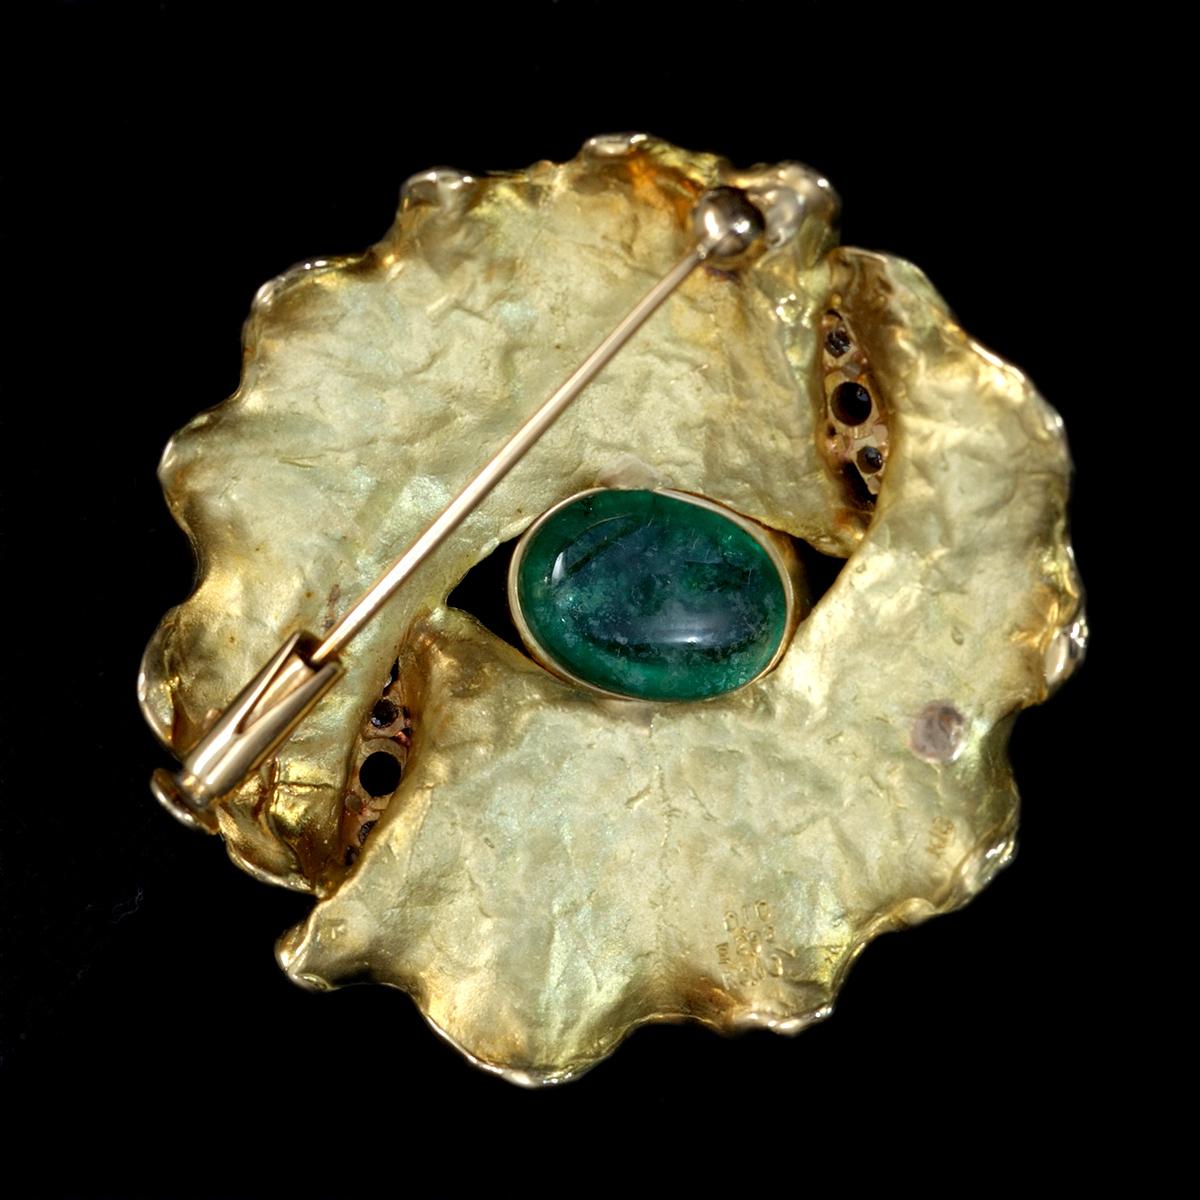 E9966 エメラルド2.92ct 天然ダイヤモンド0.10ct ルビー0.10ct 最高級18金無垢ブローチ 重量8.73g 幅34.0mm_画像4